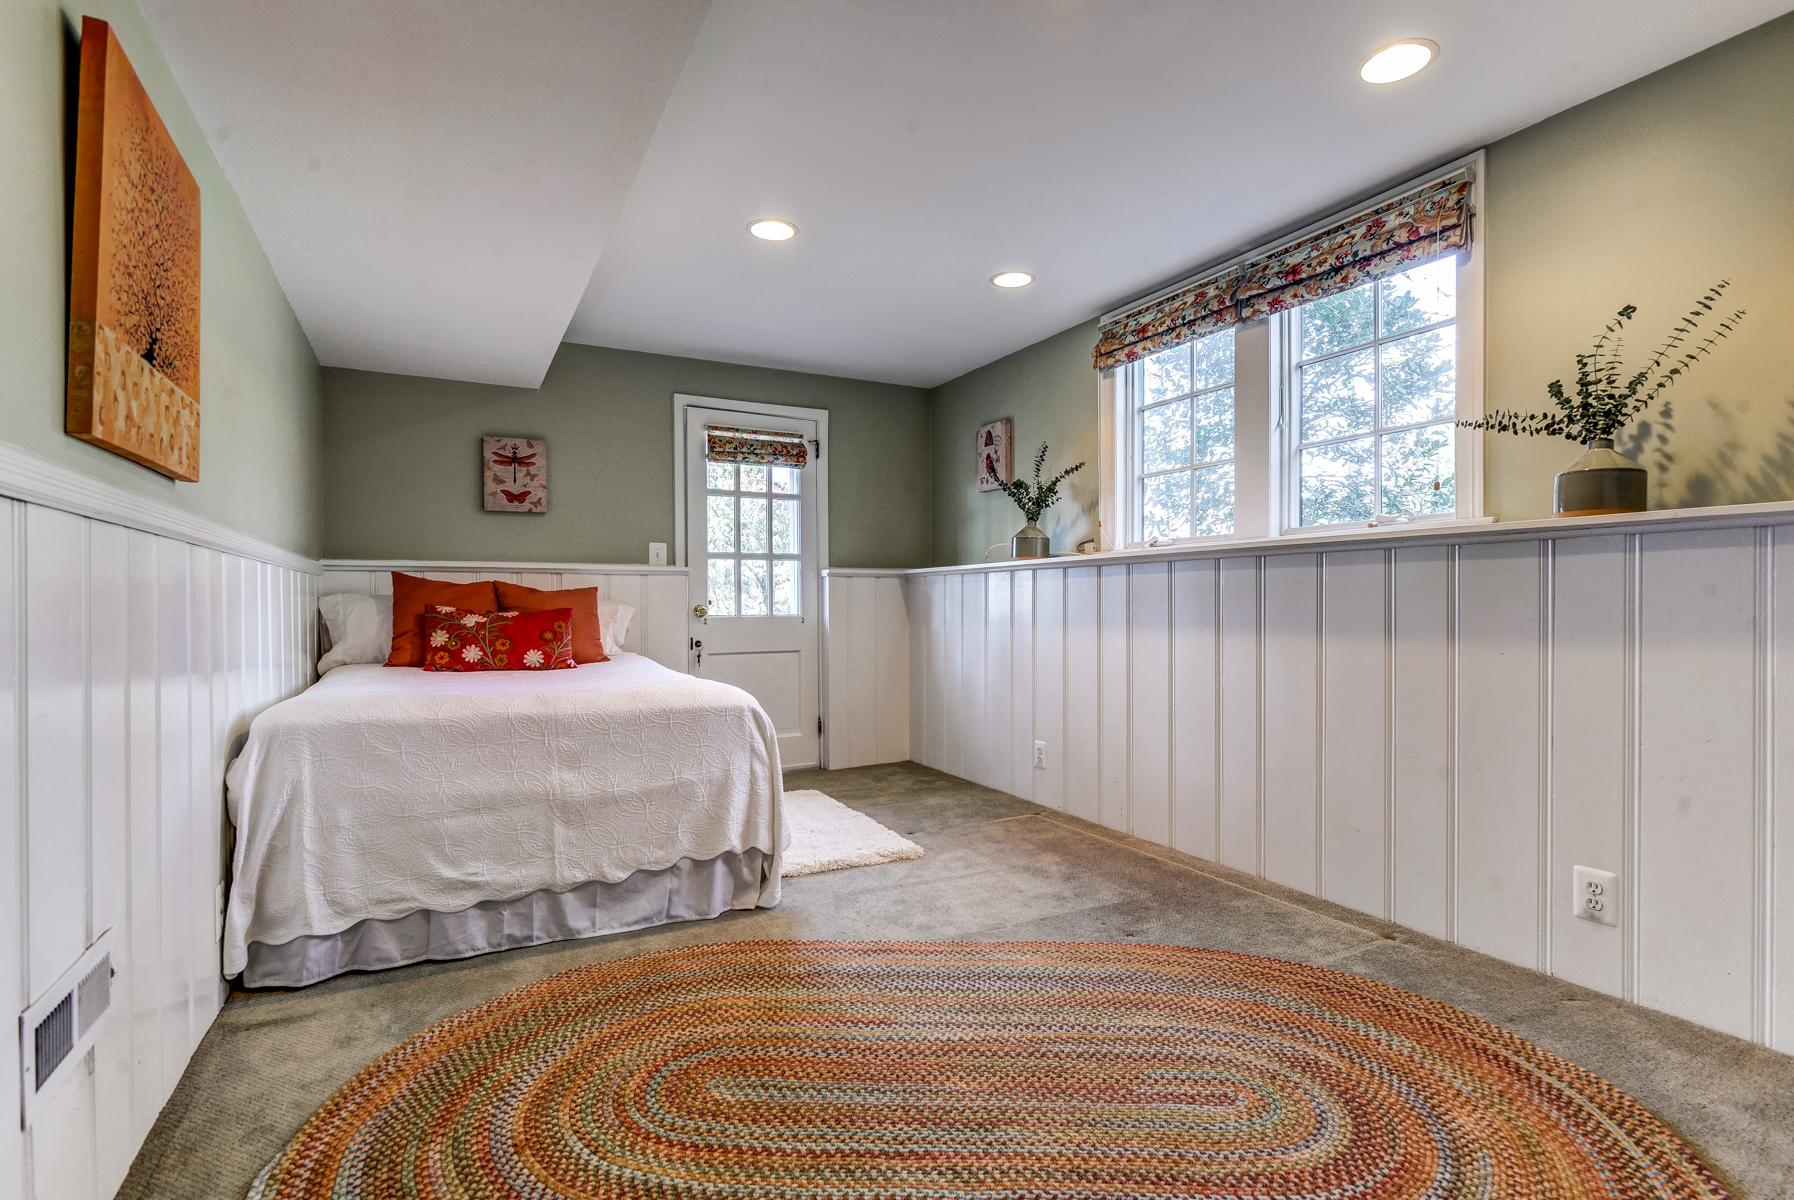 20. Bedroom Five, Guest Suite_DSC9806_07_08_09_10_11_12